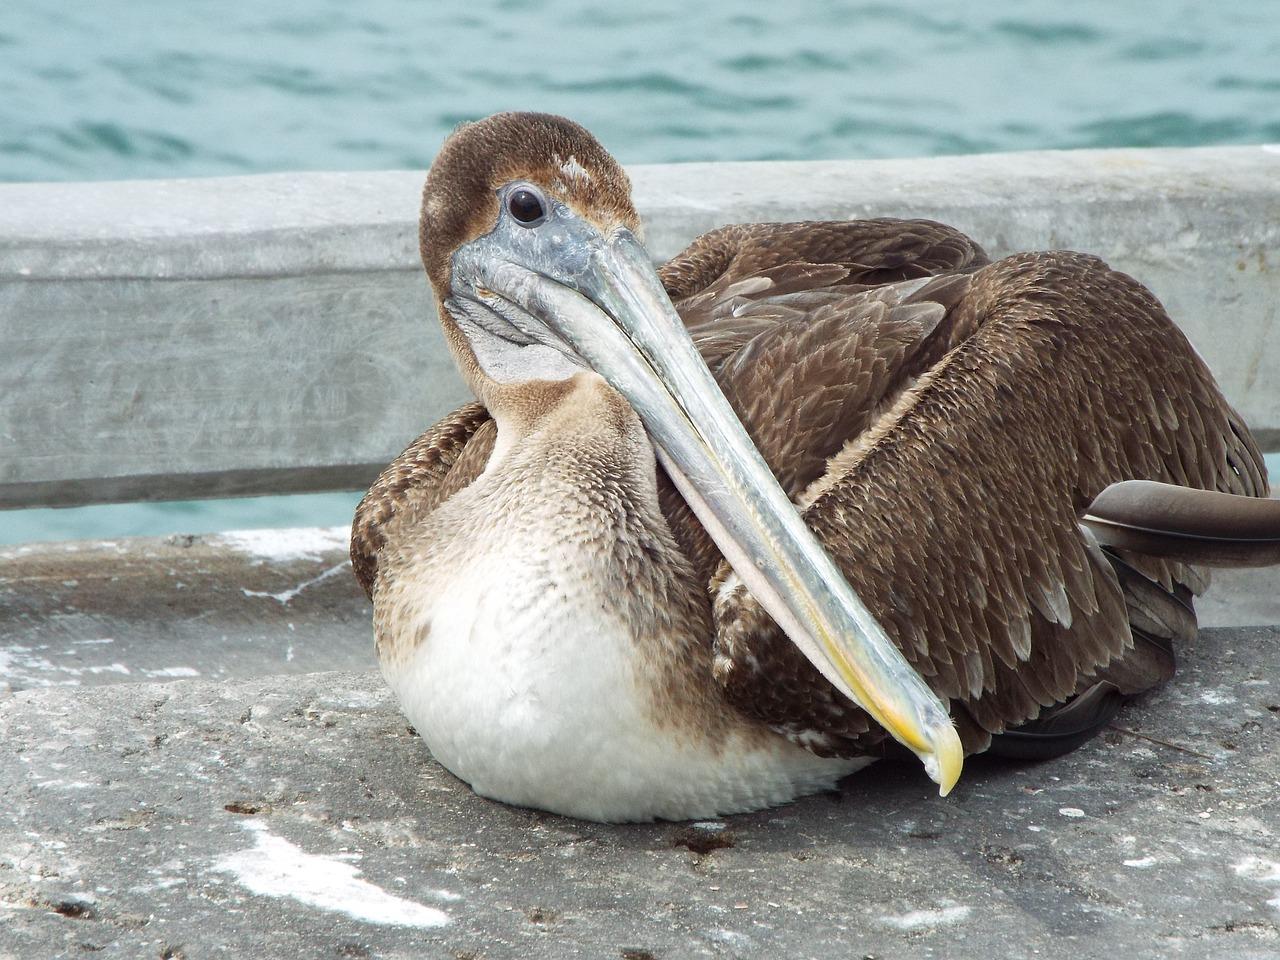 судно долетело водоплавающие птицы клювы фото и названия нанесения краски, самоклеящийся